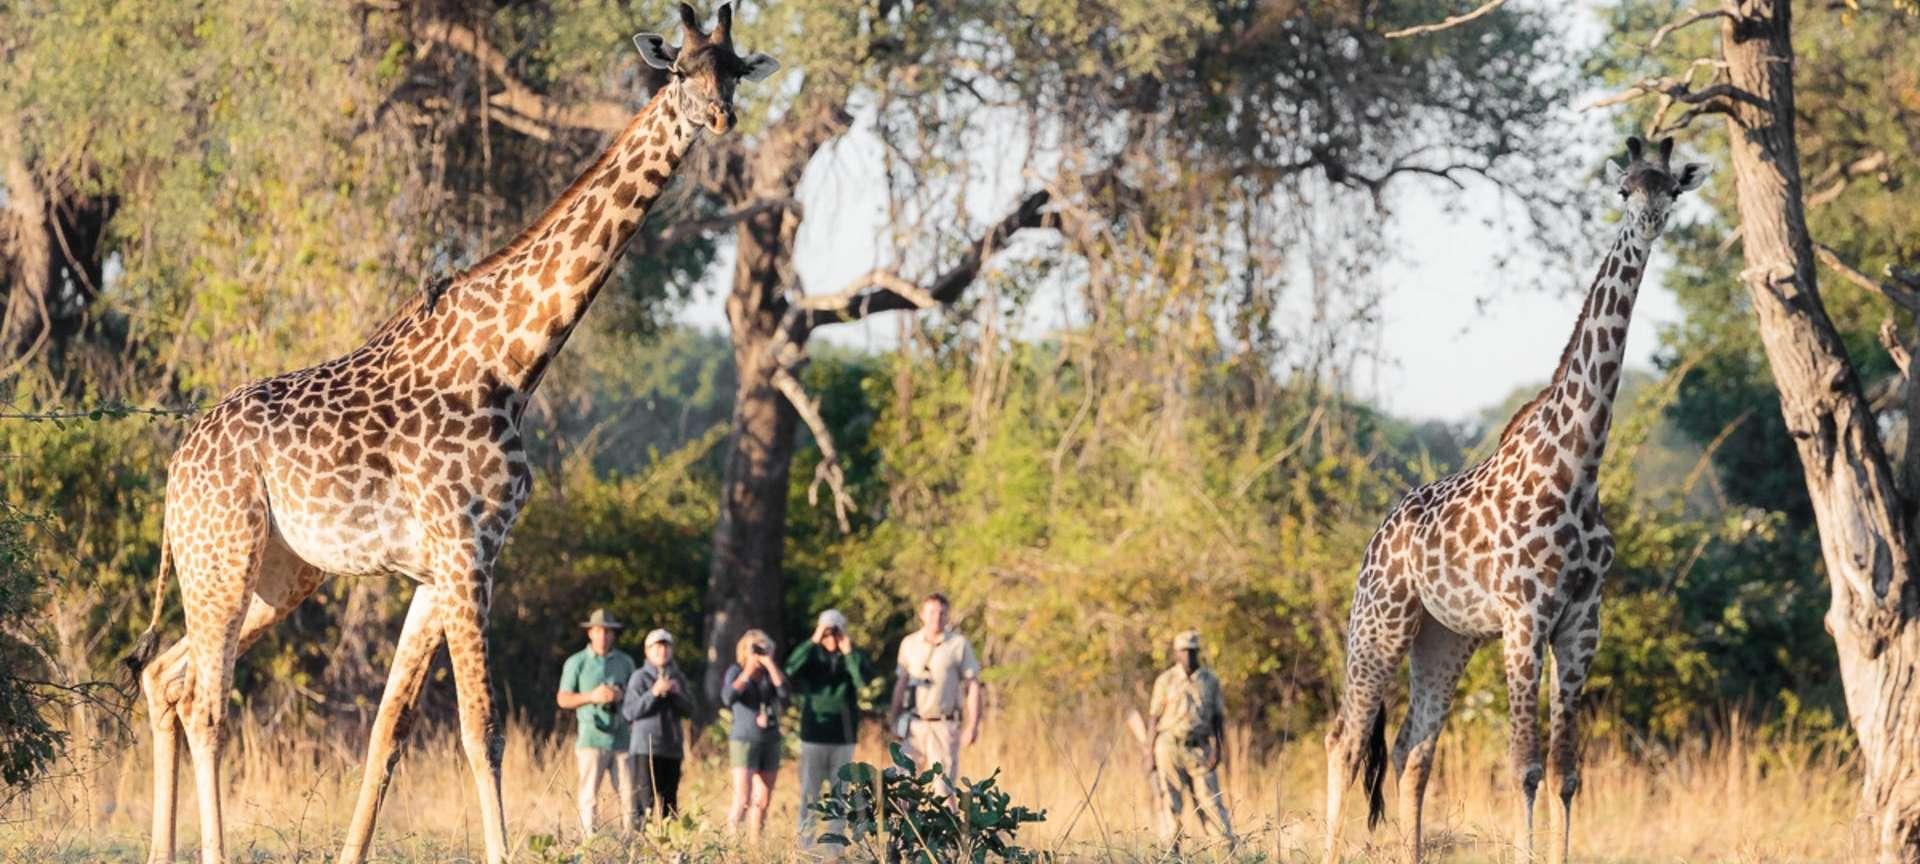 Walking safaris in South Africa - Africa Wildlife Safaris